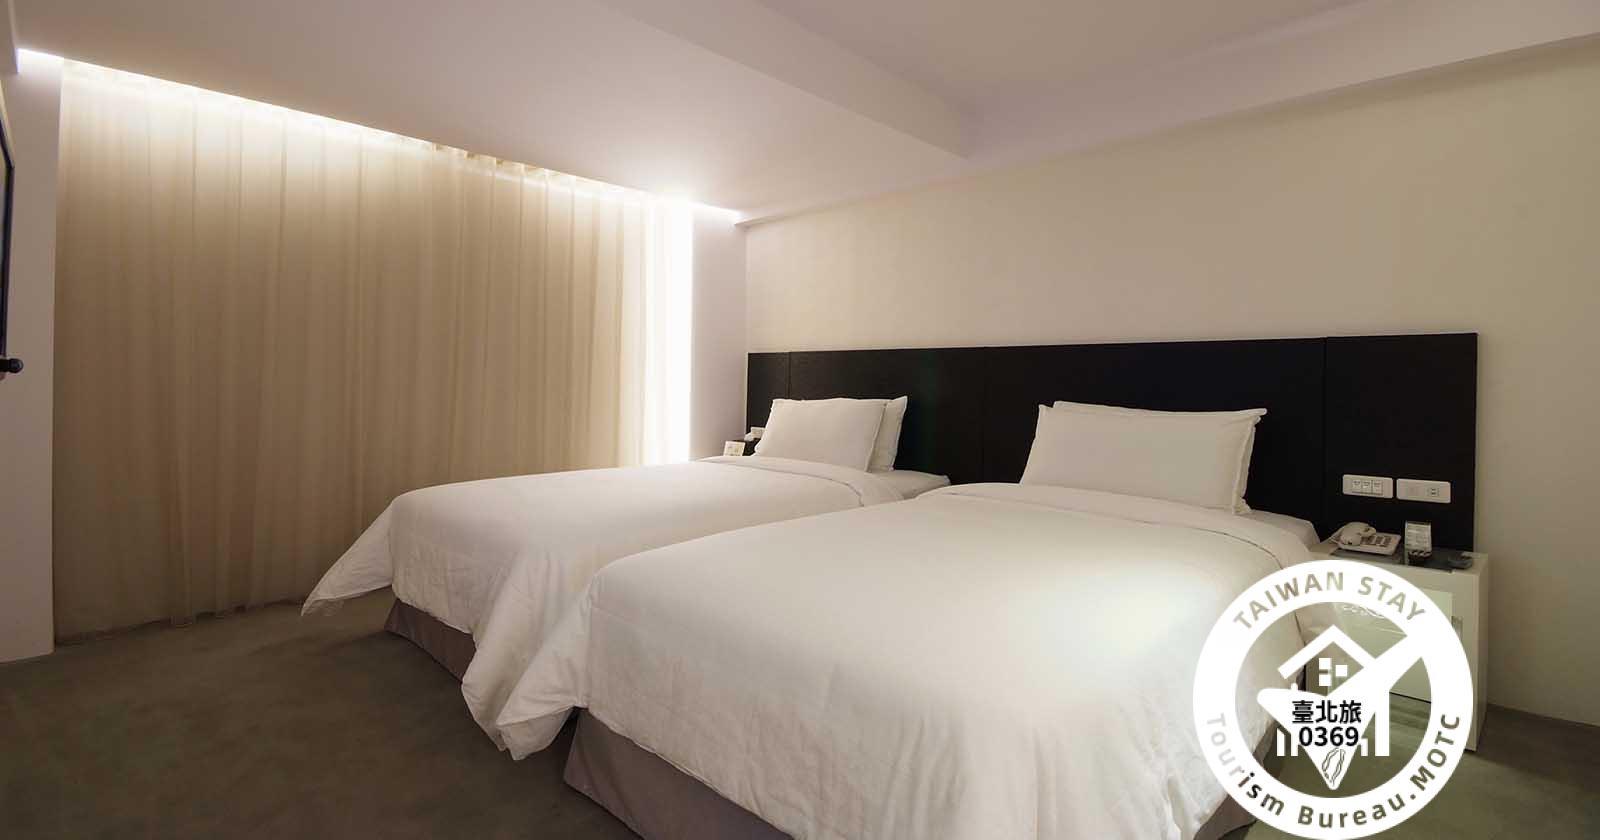 商務客房兩小床(無窗)照片_1